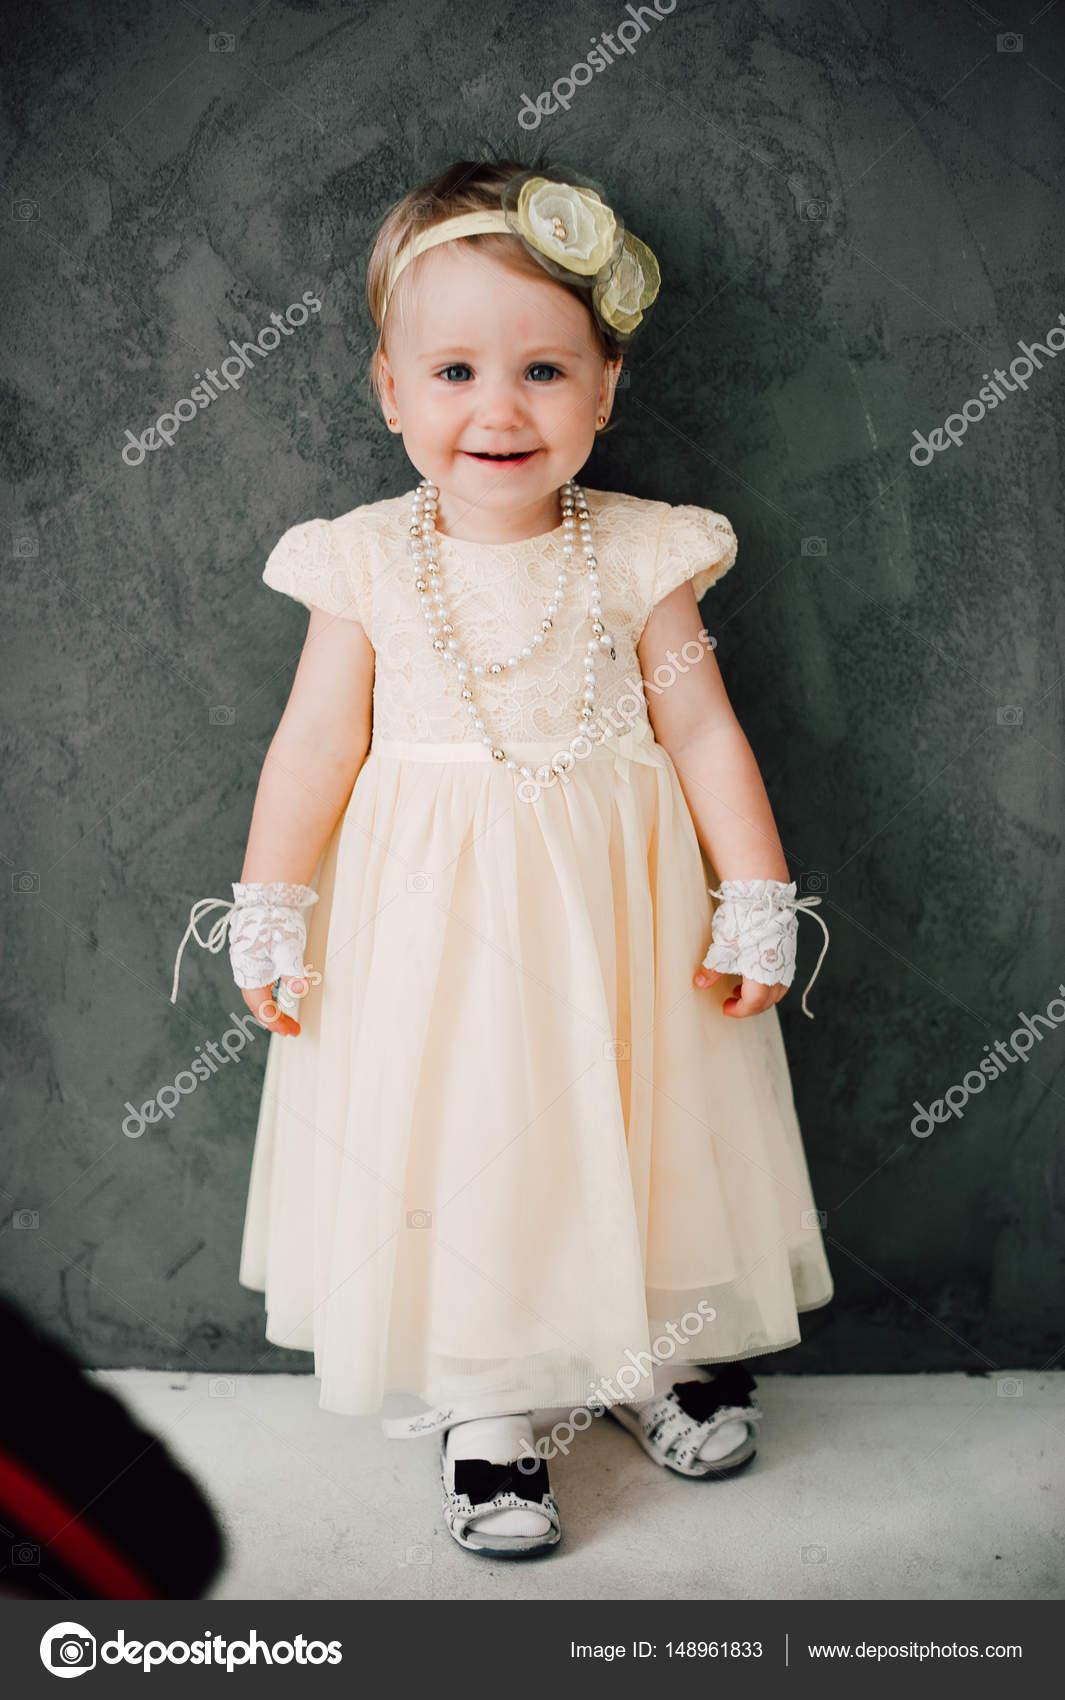 zwei Babys Hochzeit - Mädchen als Braut verkleidet — Stockfoto ...